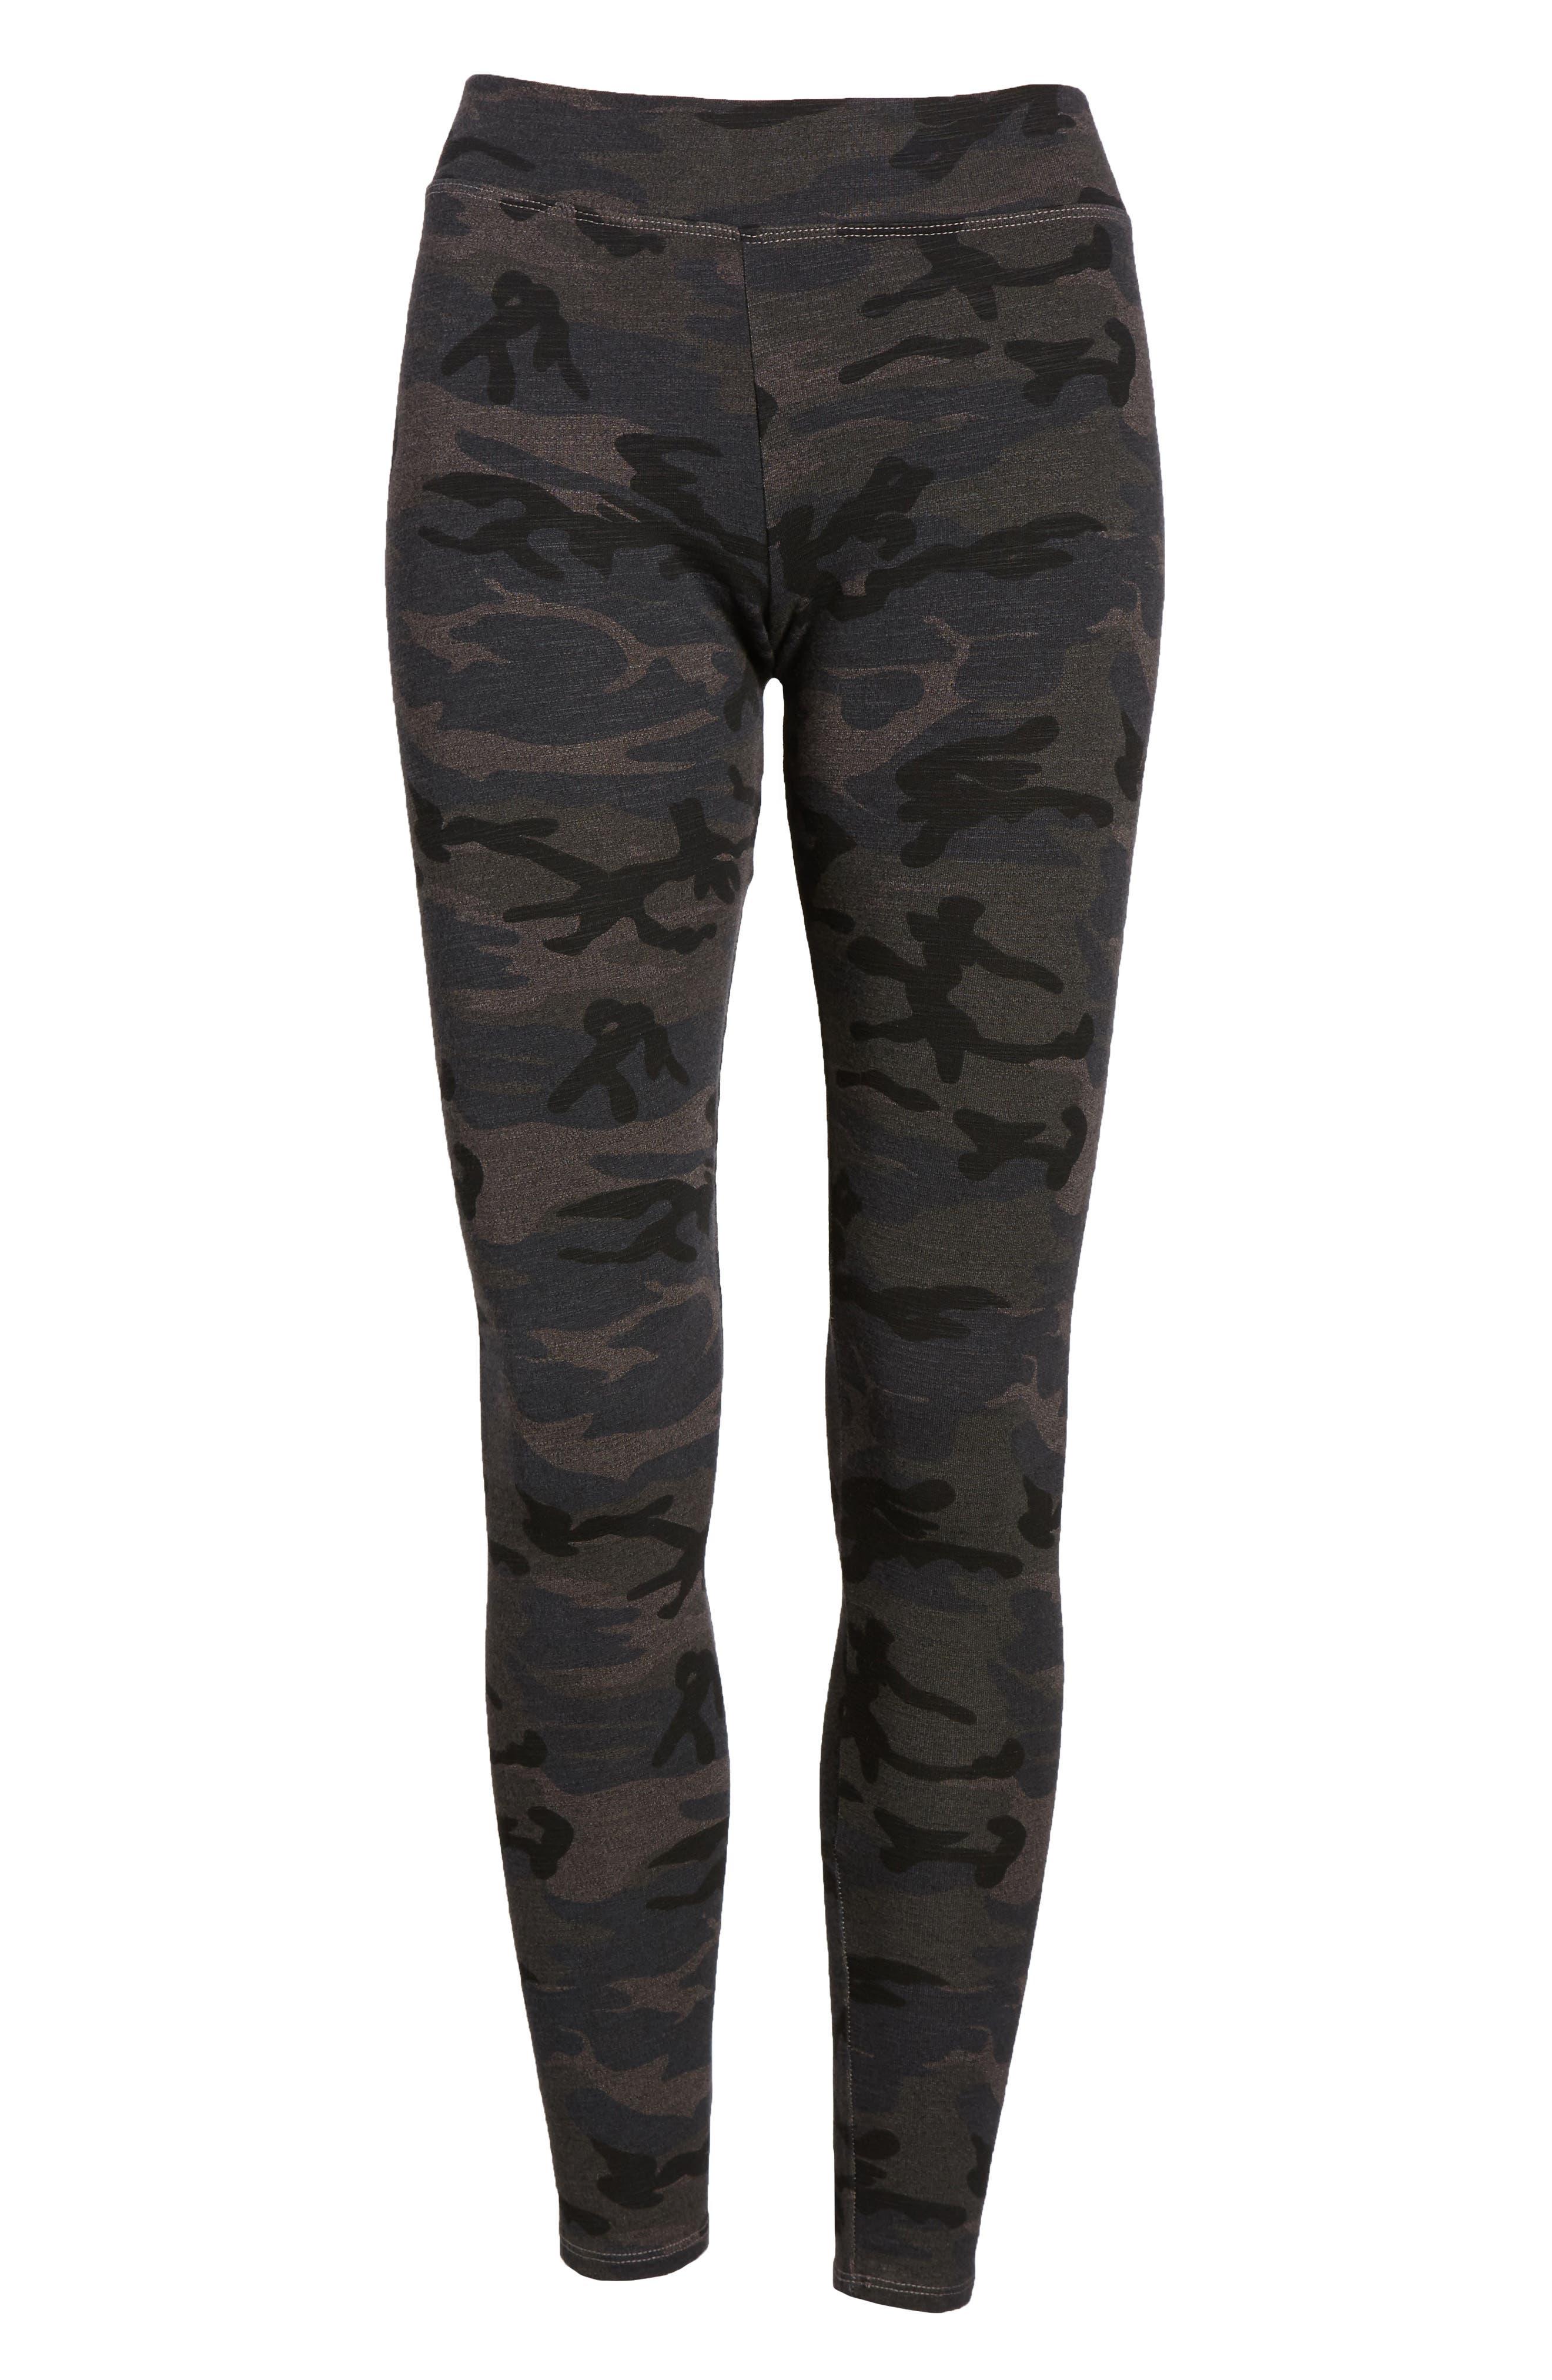 Camo Yoga Pants,                             Alternate thumbnail 7, color,                             Charcoal